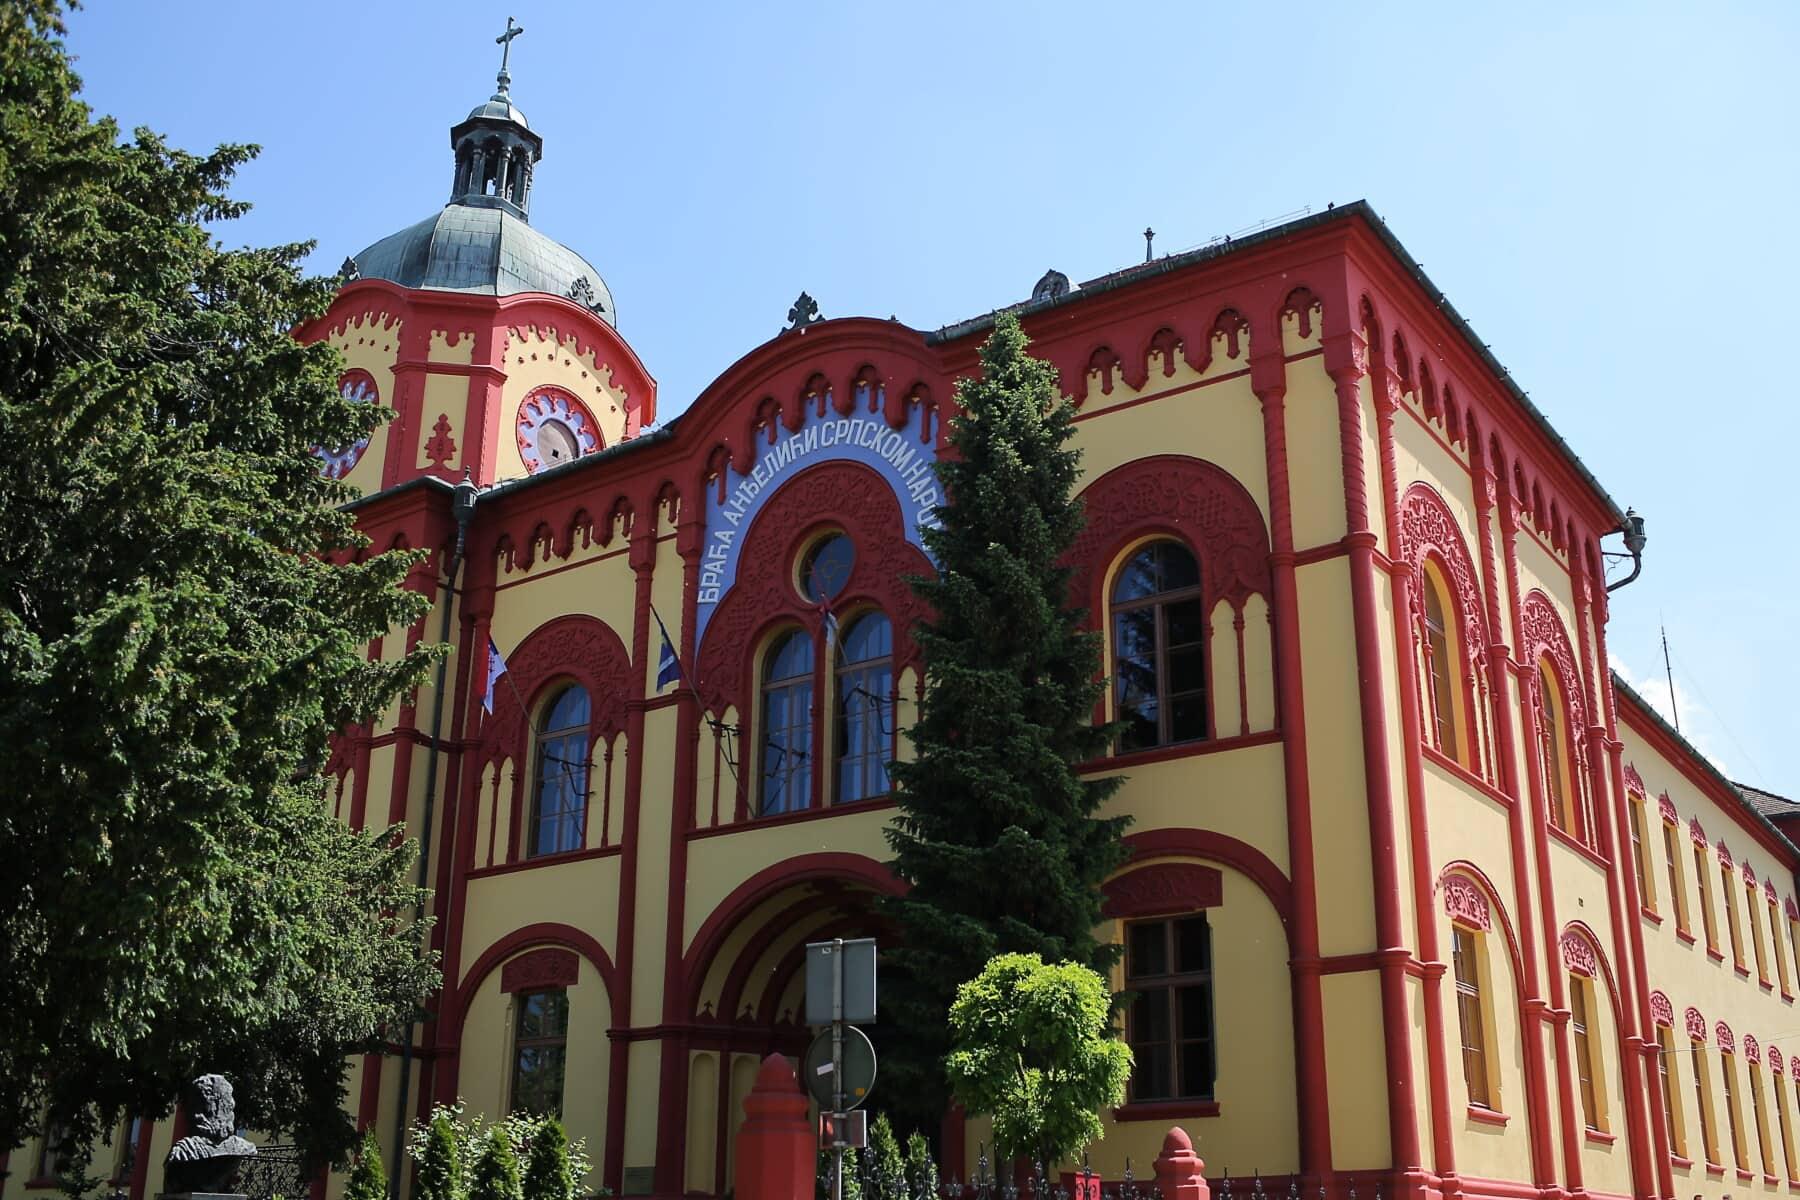 bâtiment, résidence, monastère, architecture, maison, façade, vieux, Ville, rue, ville